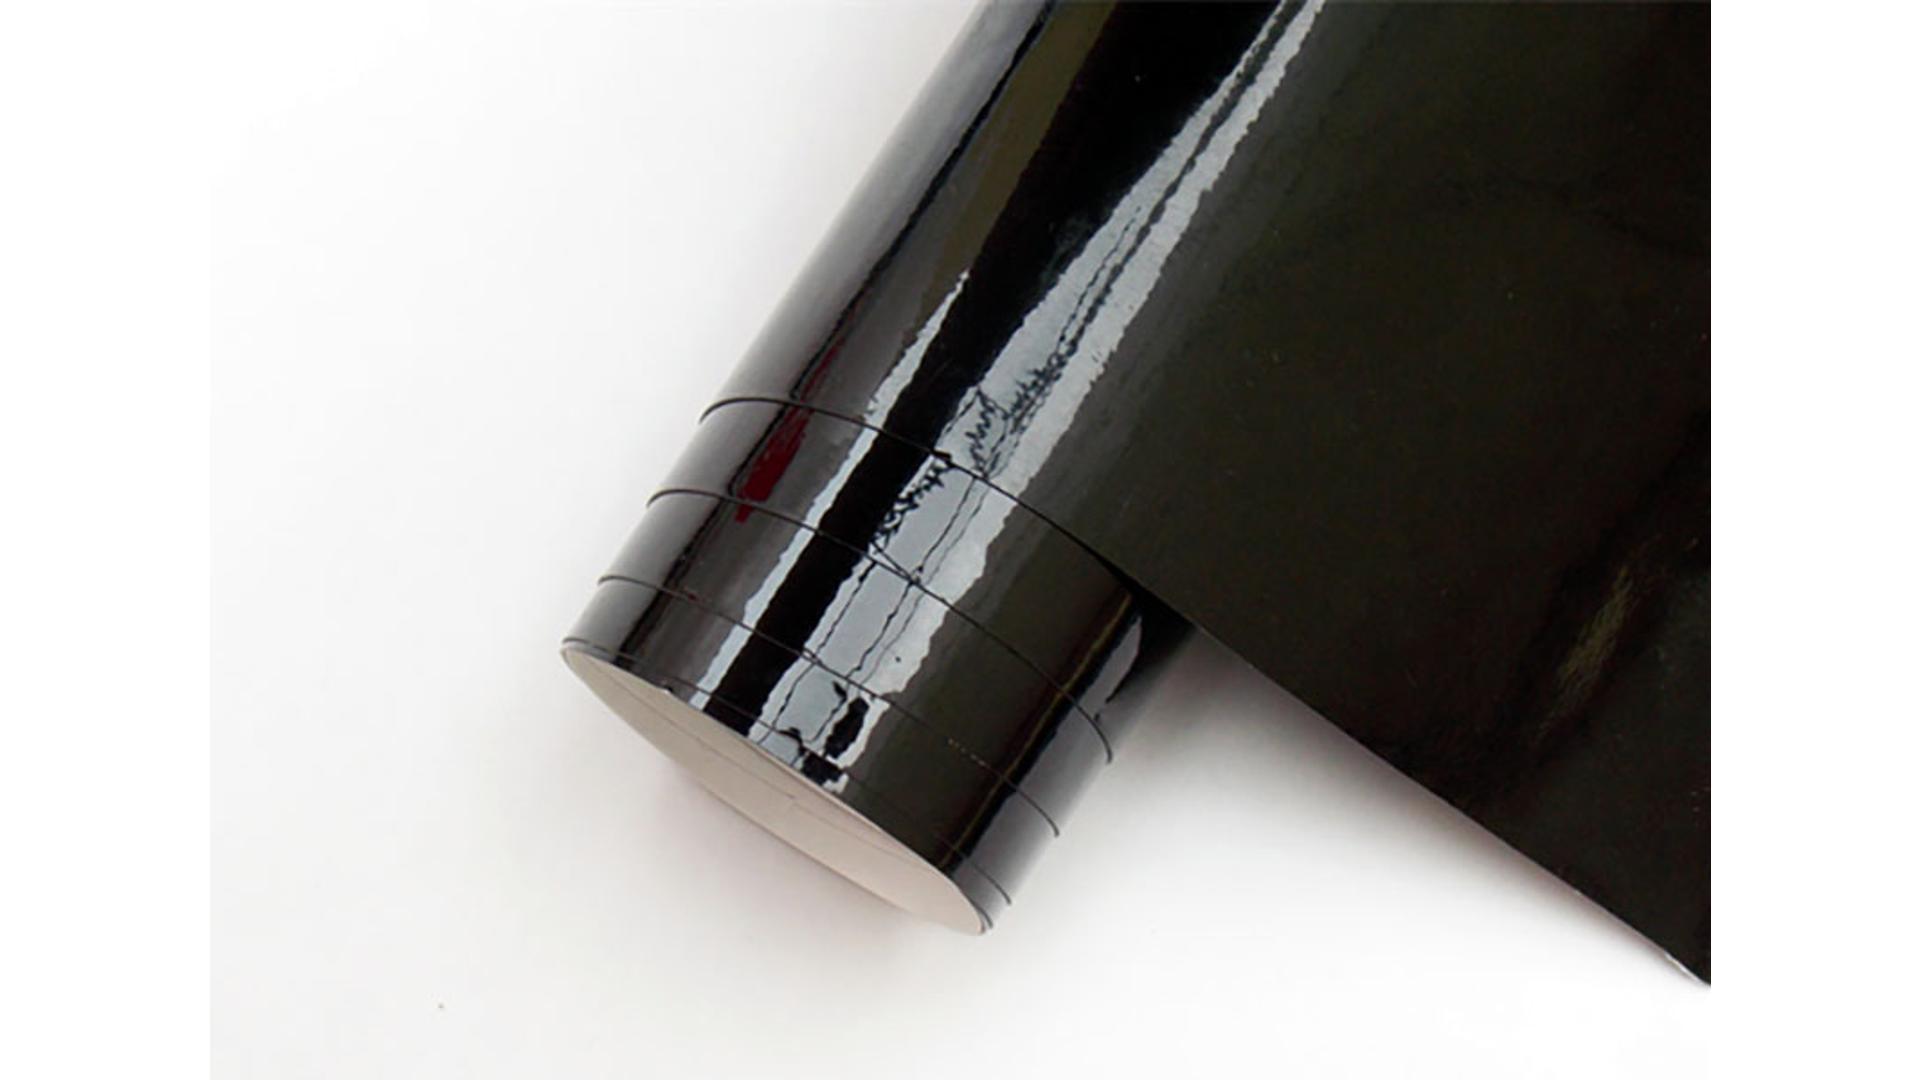 4CARS Auto fólia so vzduchovýmmi kanalikmi čierna lesklá 1bm